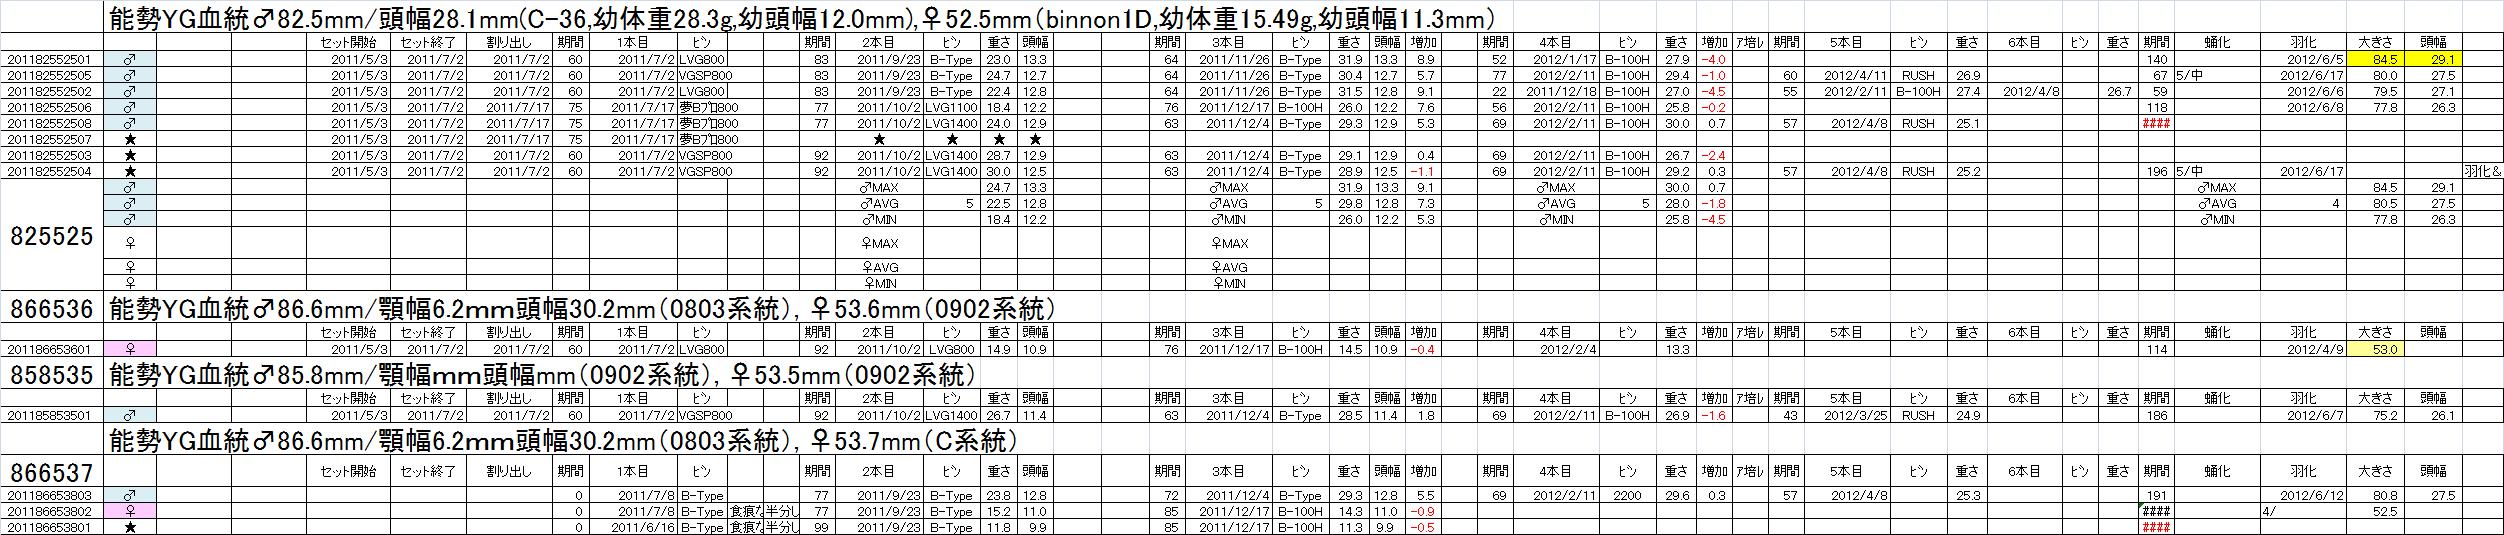 飼育管理表 2011-12 825x525他